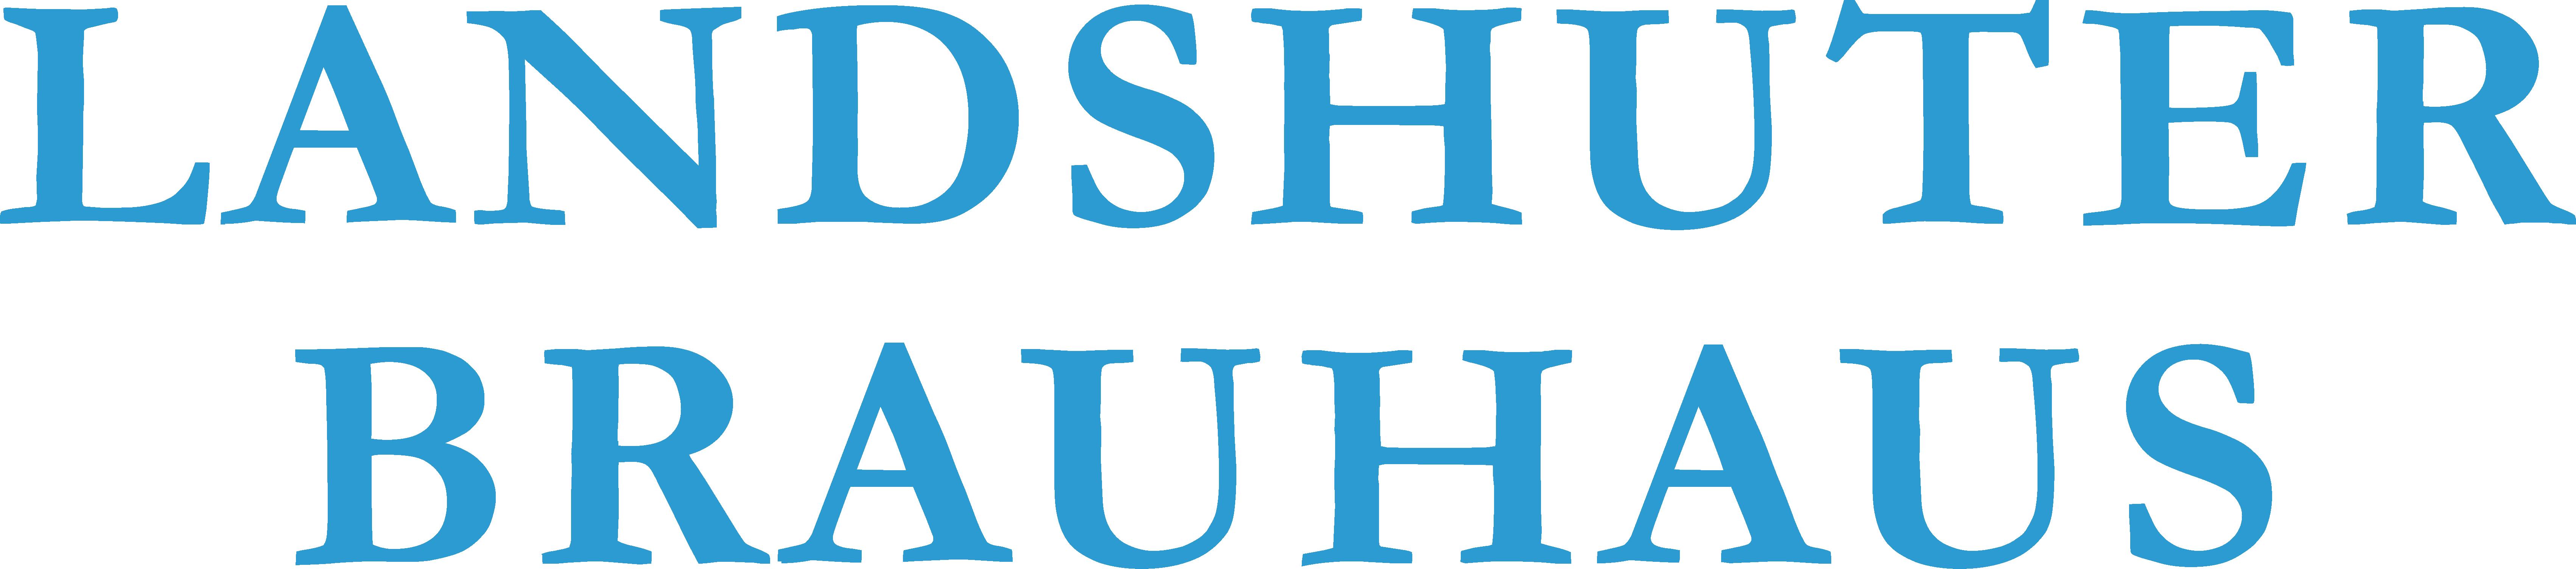 Landshuter Brauhaus | Bayerische Traditionsbrauerei Logo